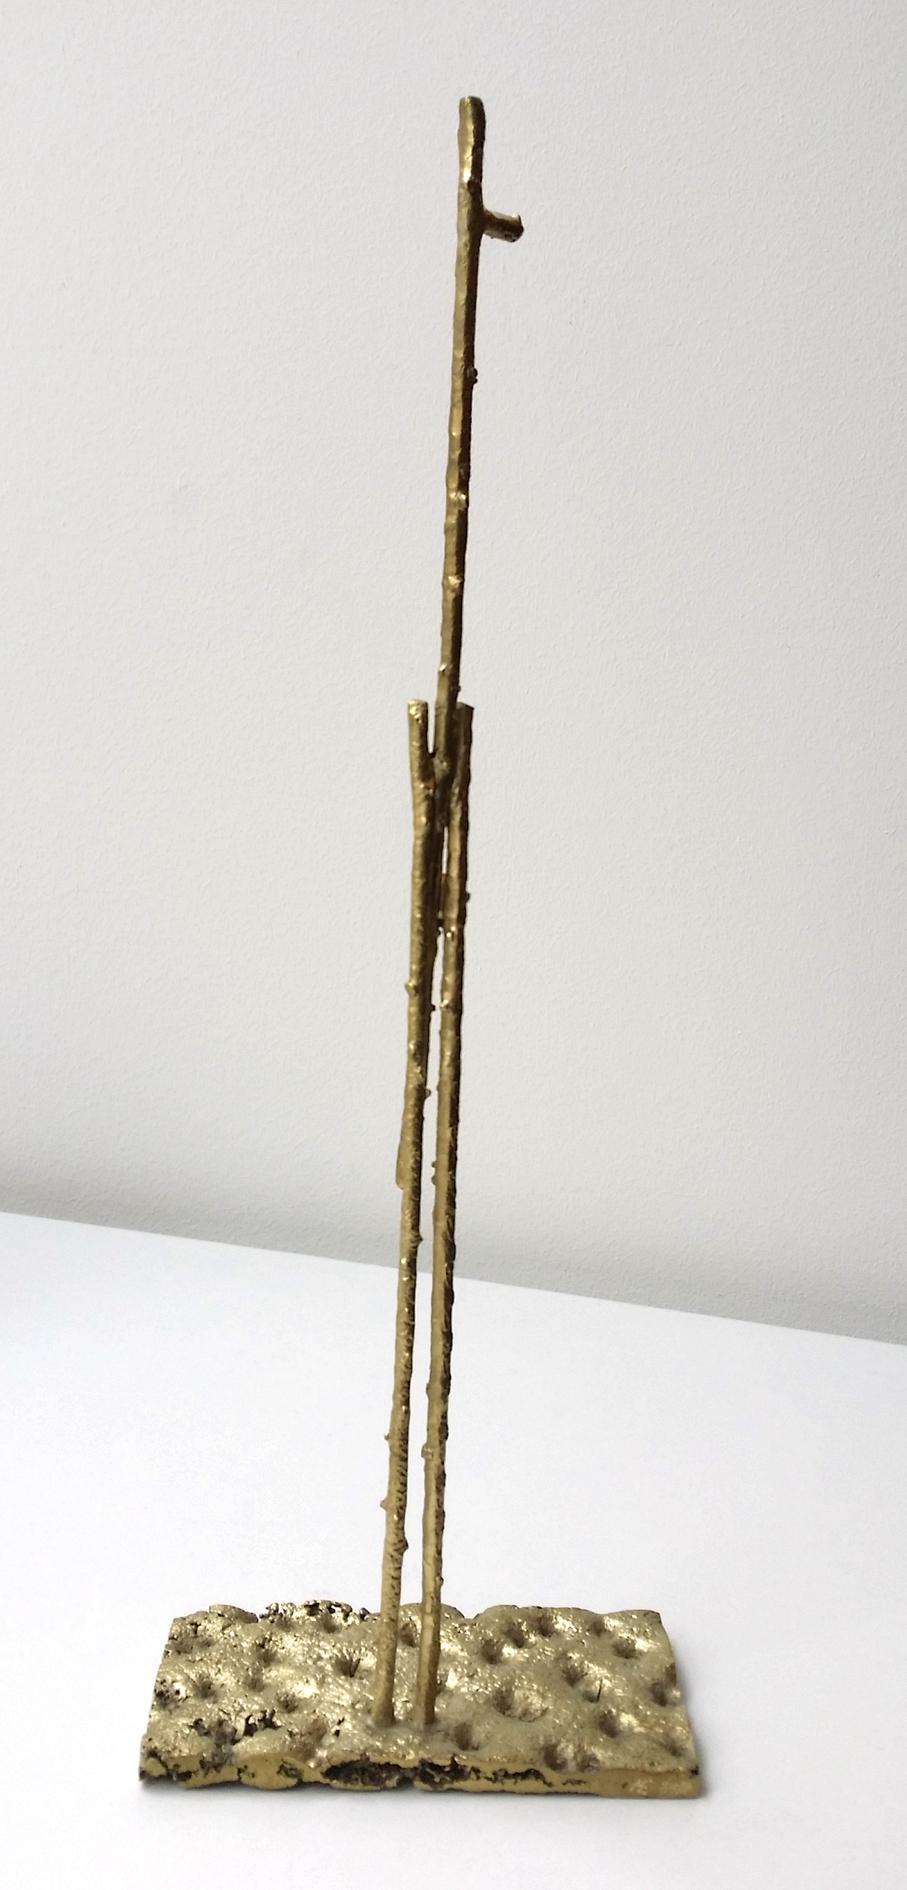 Soletti-Giacometti 3